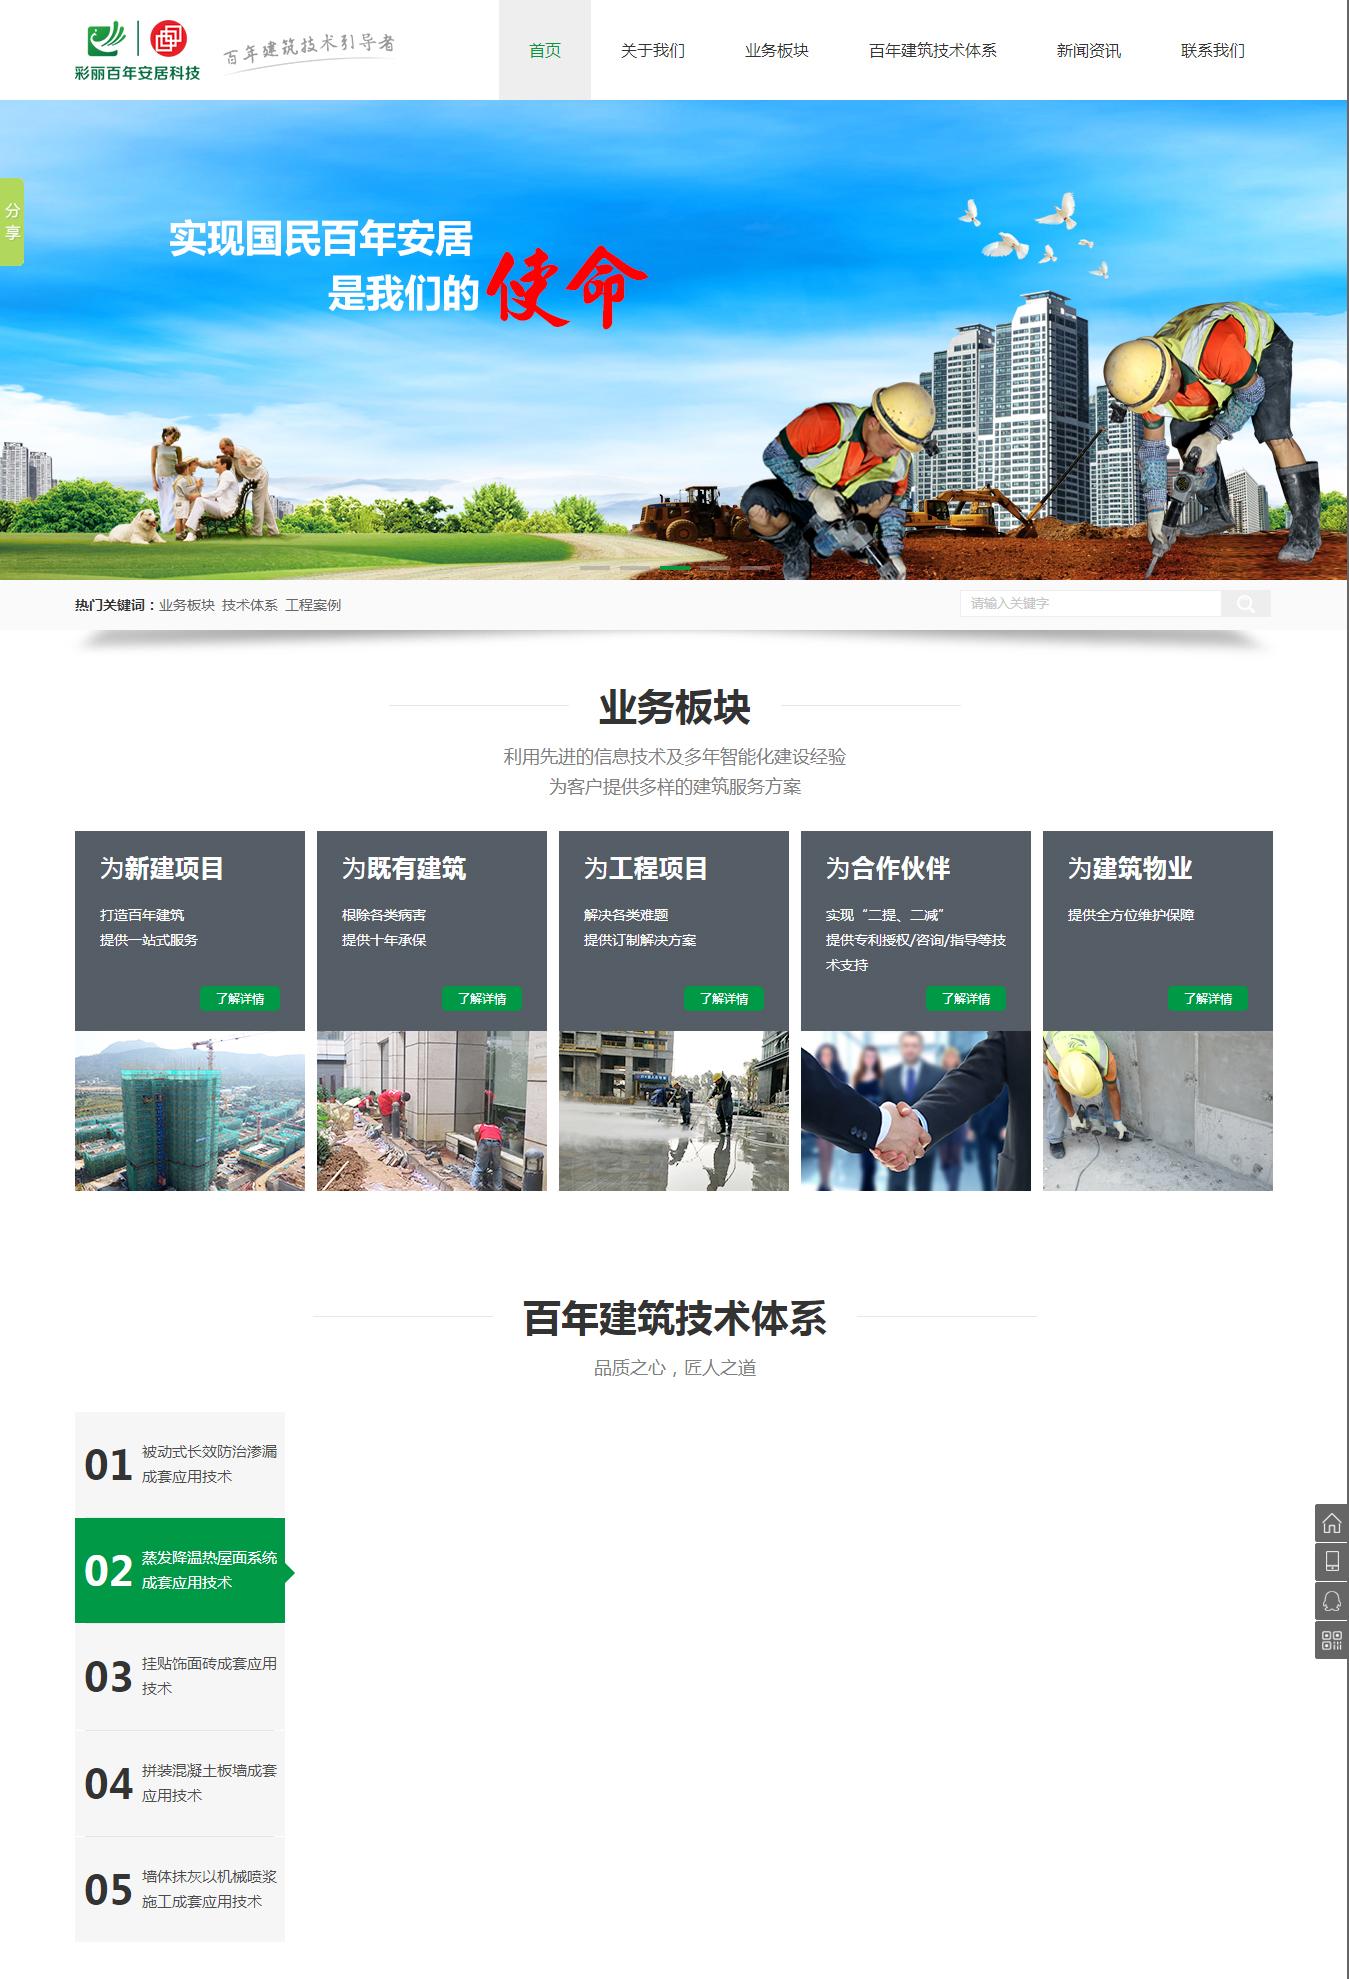 万博max登陆彩丽建筑维护技术万博manxbet